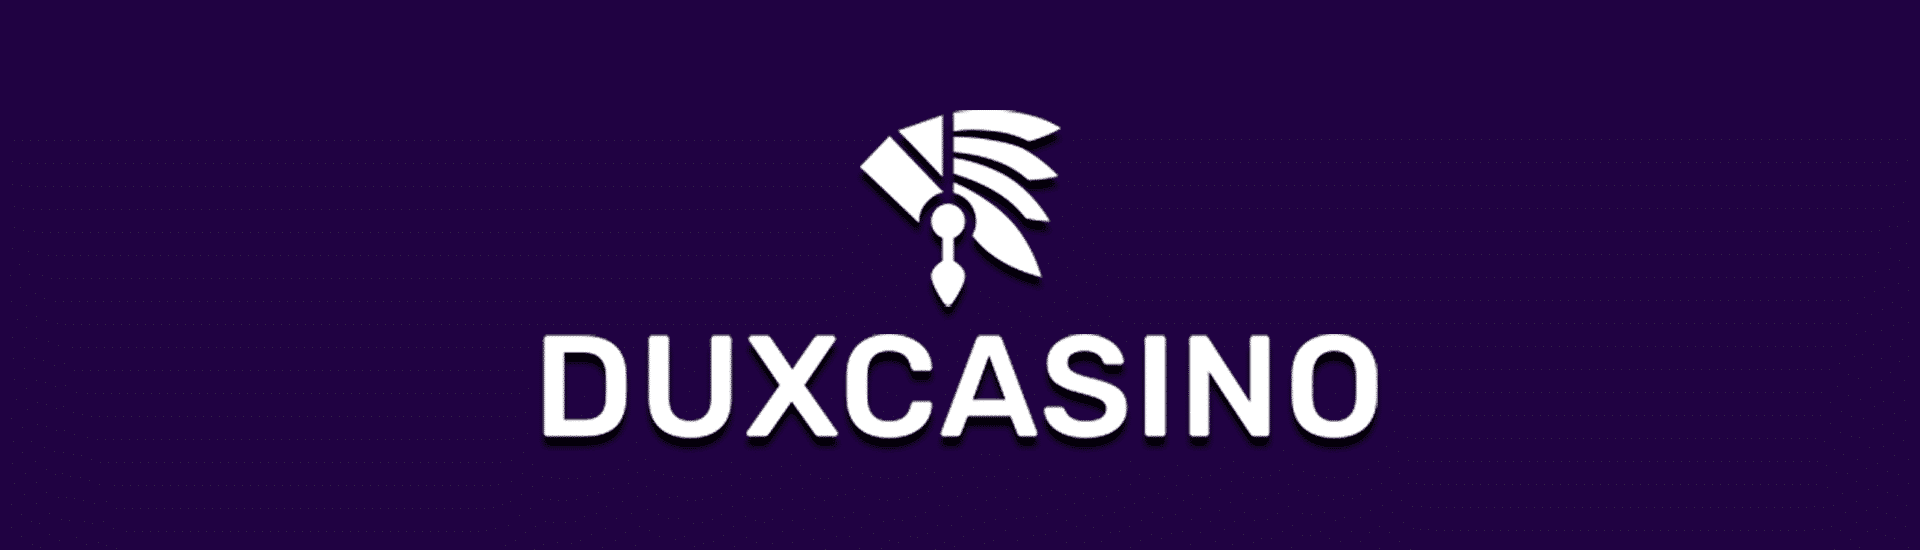 Duxcasino Featured Image